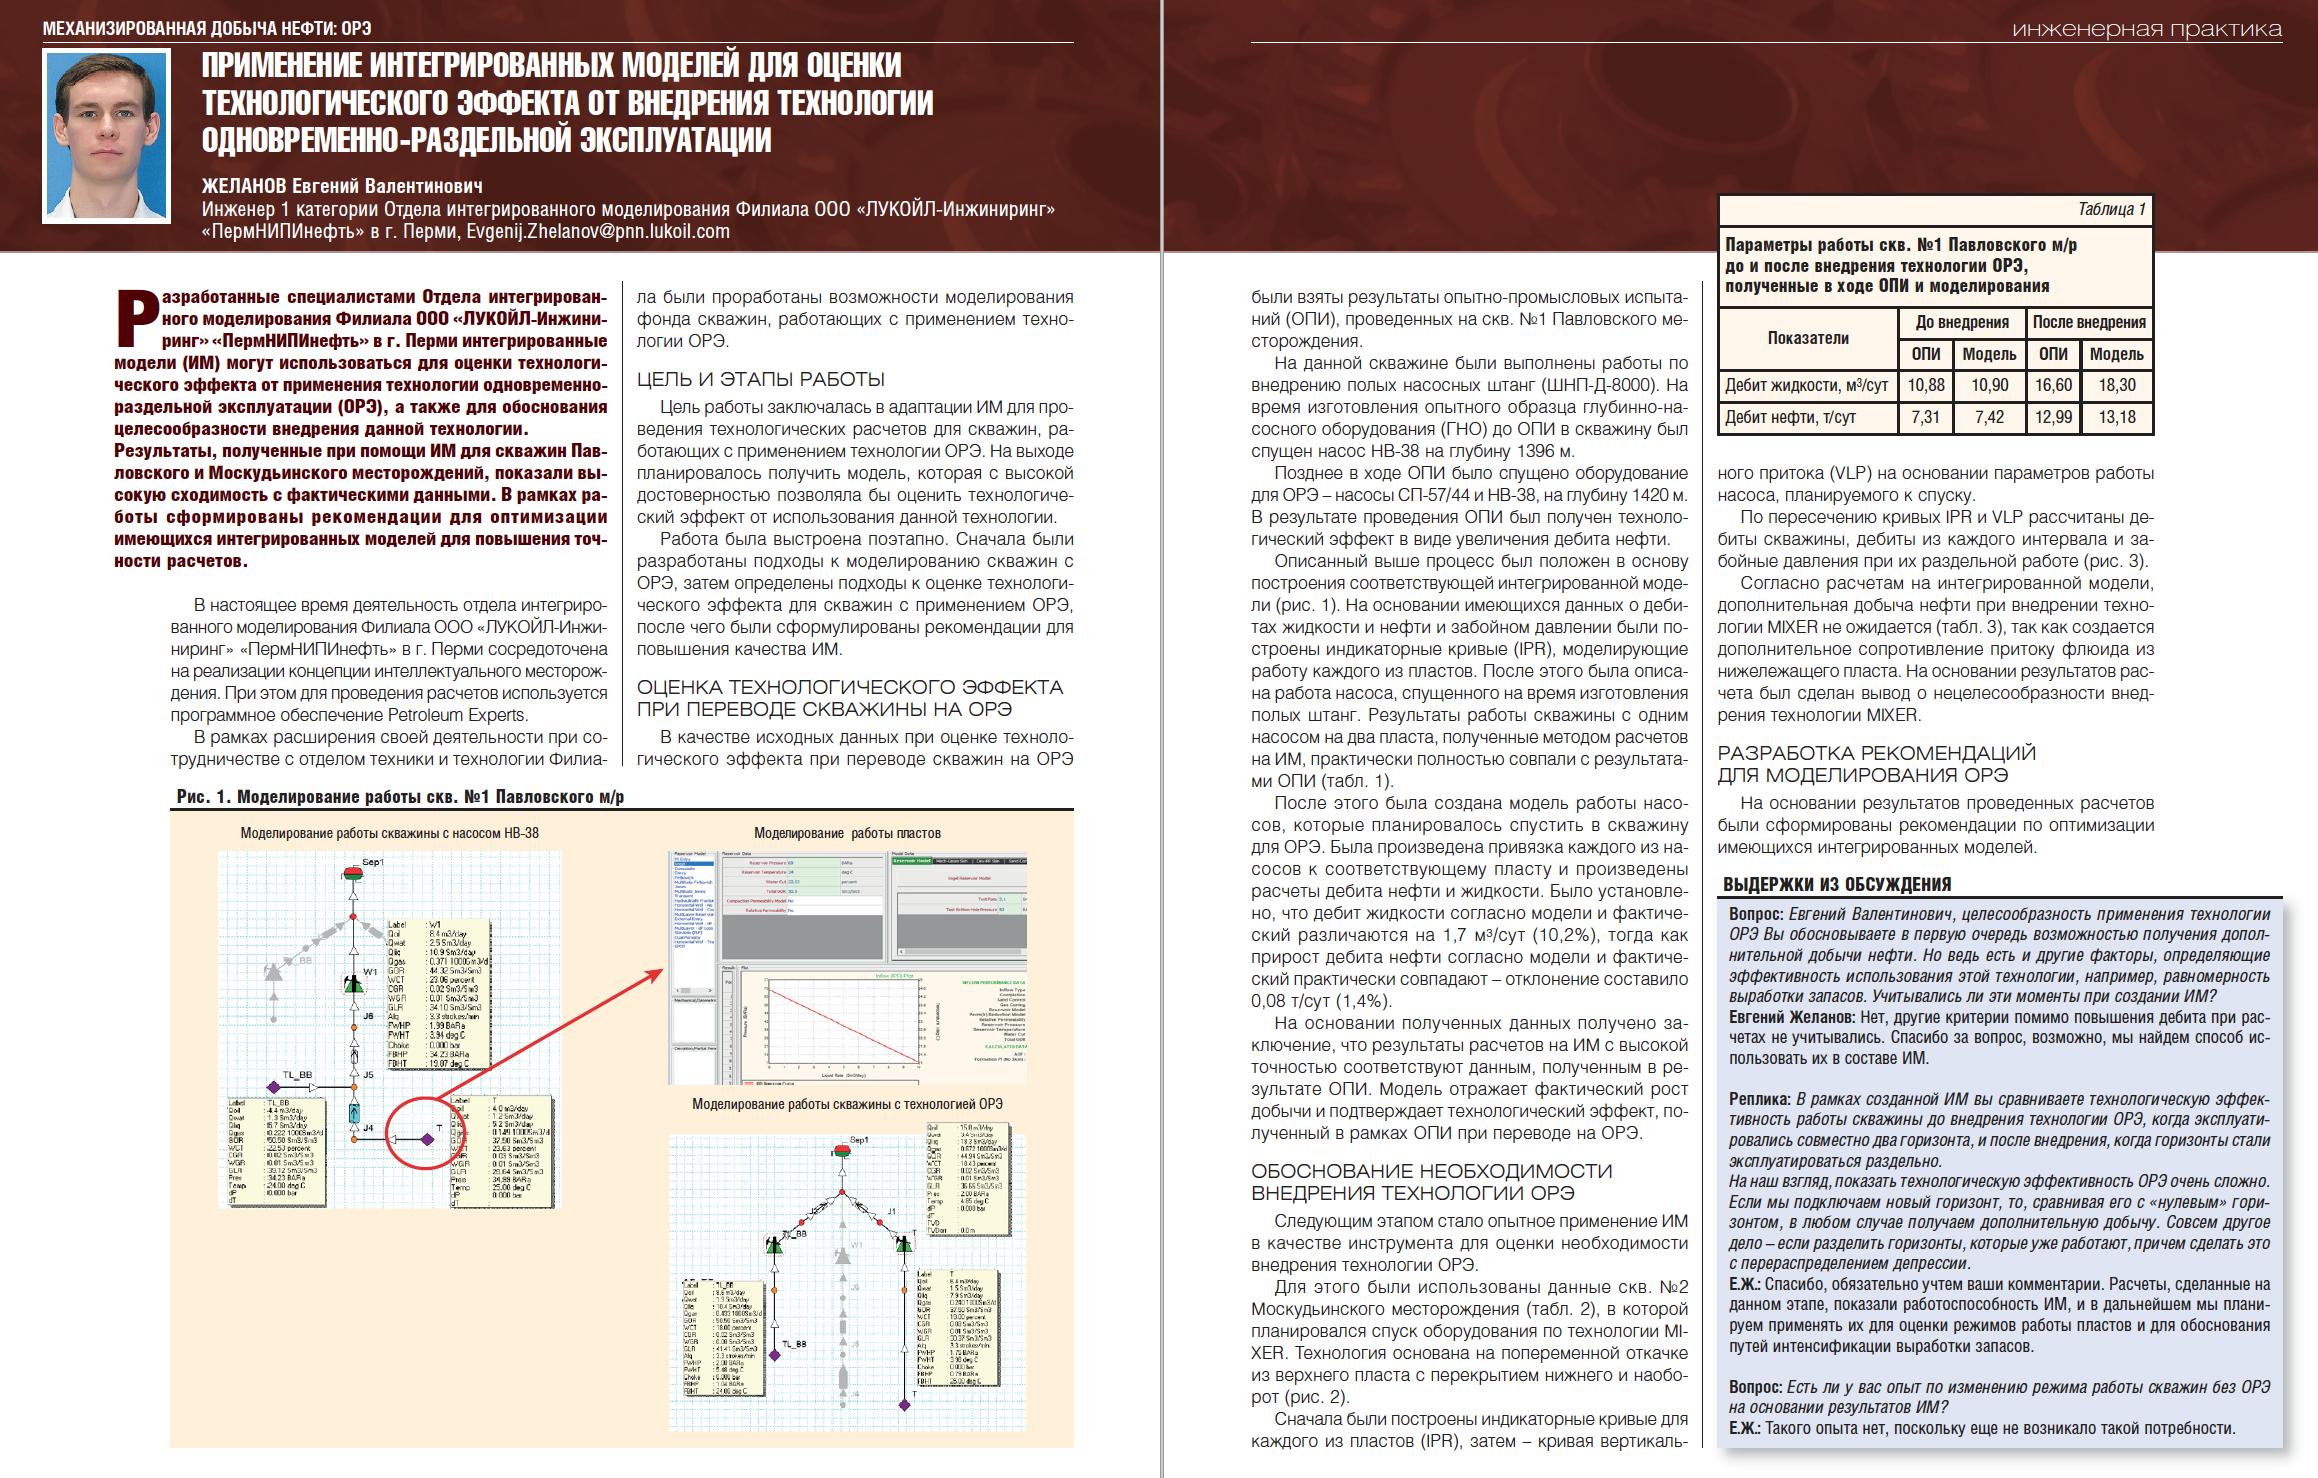 30959 Применение интегрированных моделей для оценки технологического эффекта от внедрения технологии одновременно-раздельной эксплуатации